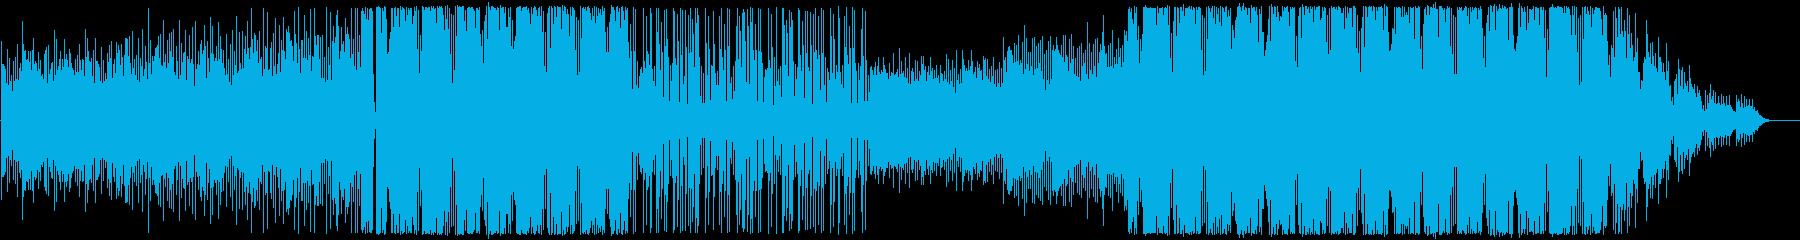 聞きやすい最新のEDMポップスサウンドの再生済みの波形